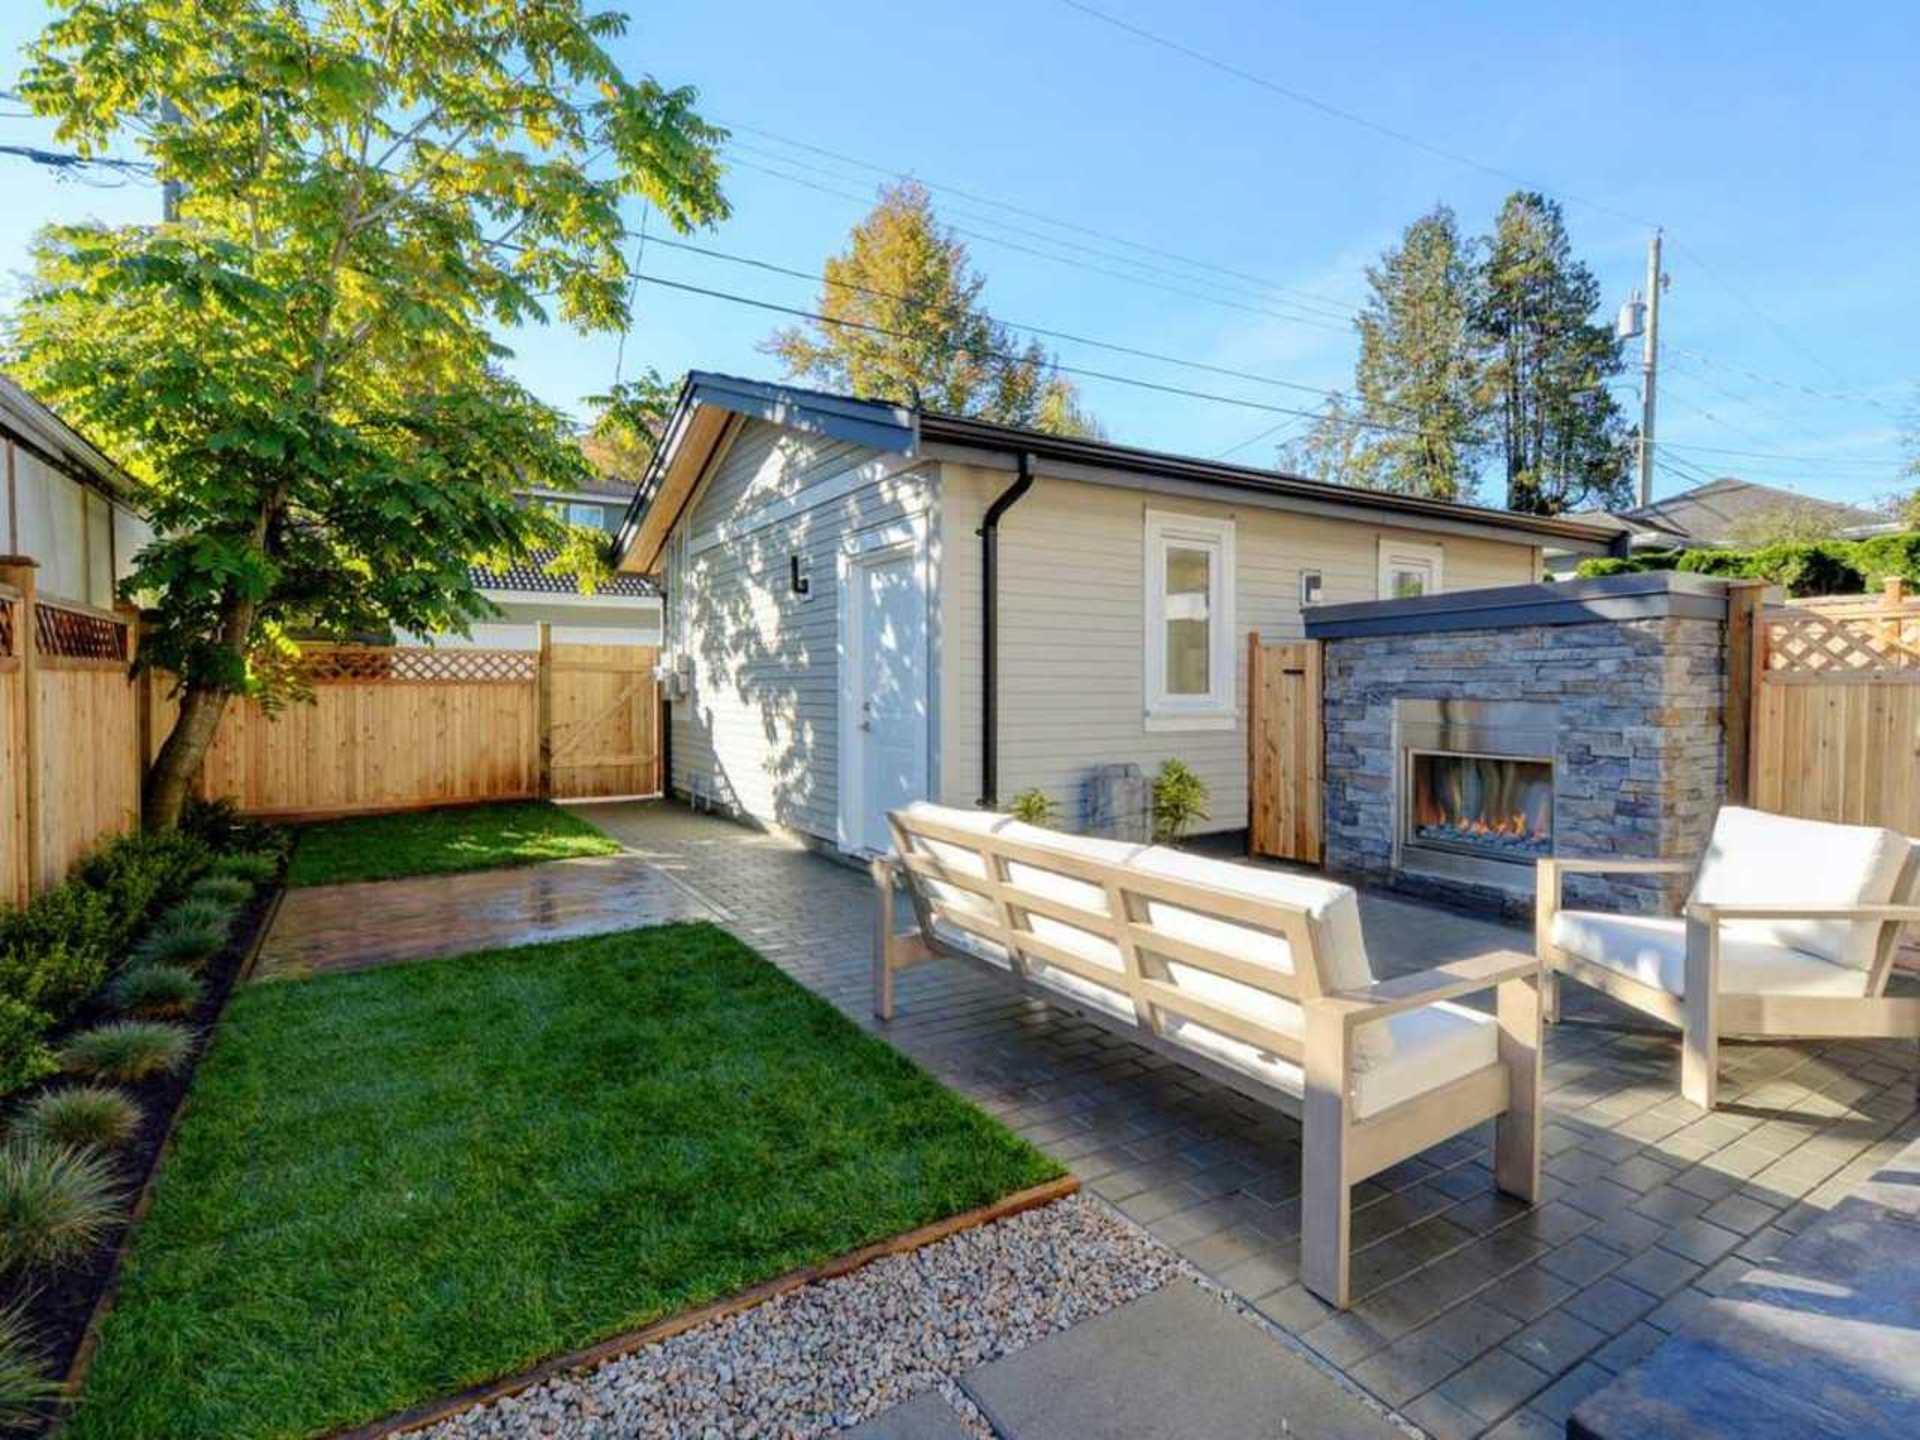 1138-e-16th-avenue-knight-vancouver-east-19 at 1138 E 16th Avenue, Knight, Vancouver East